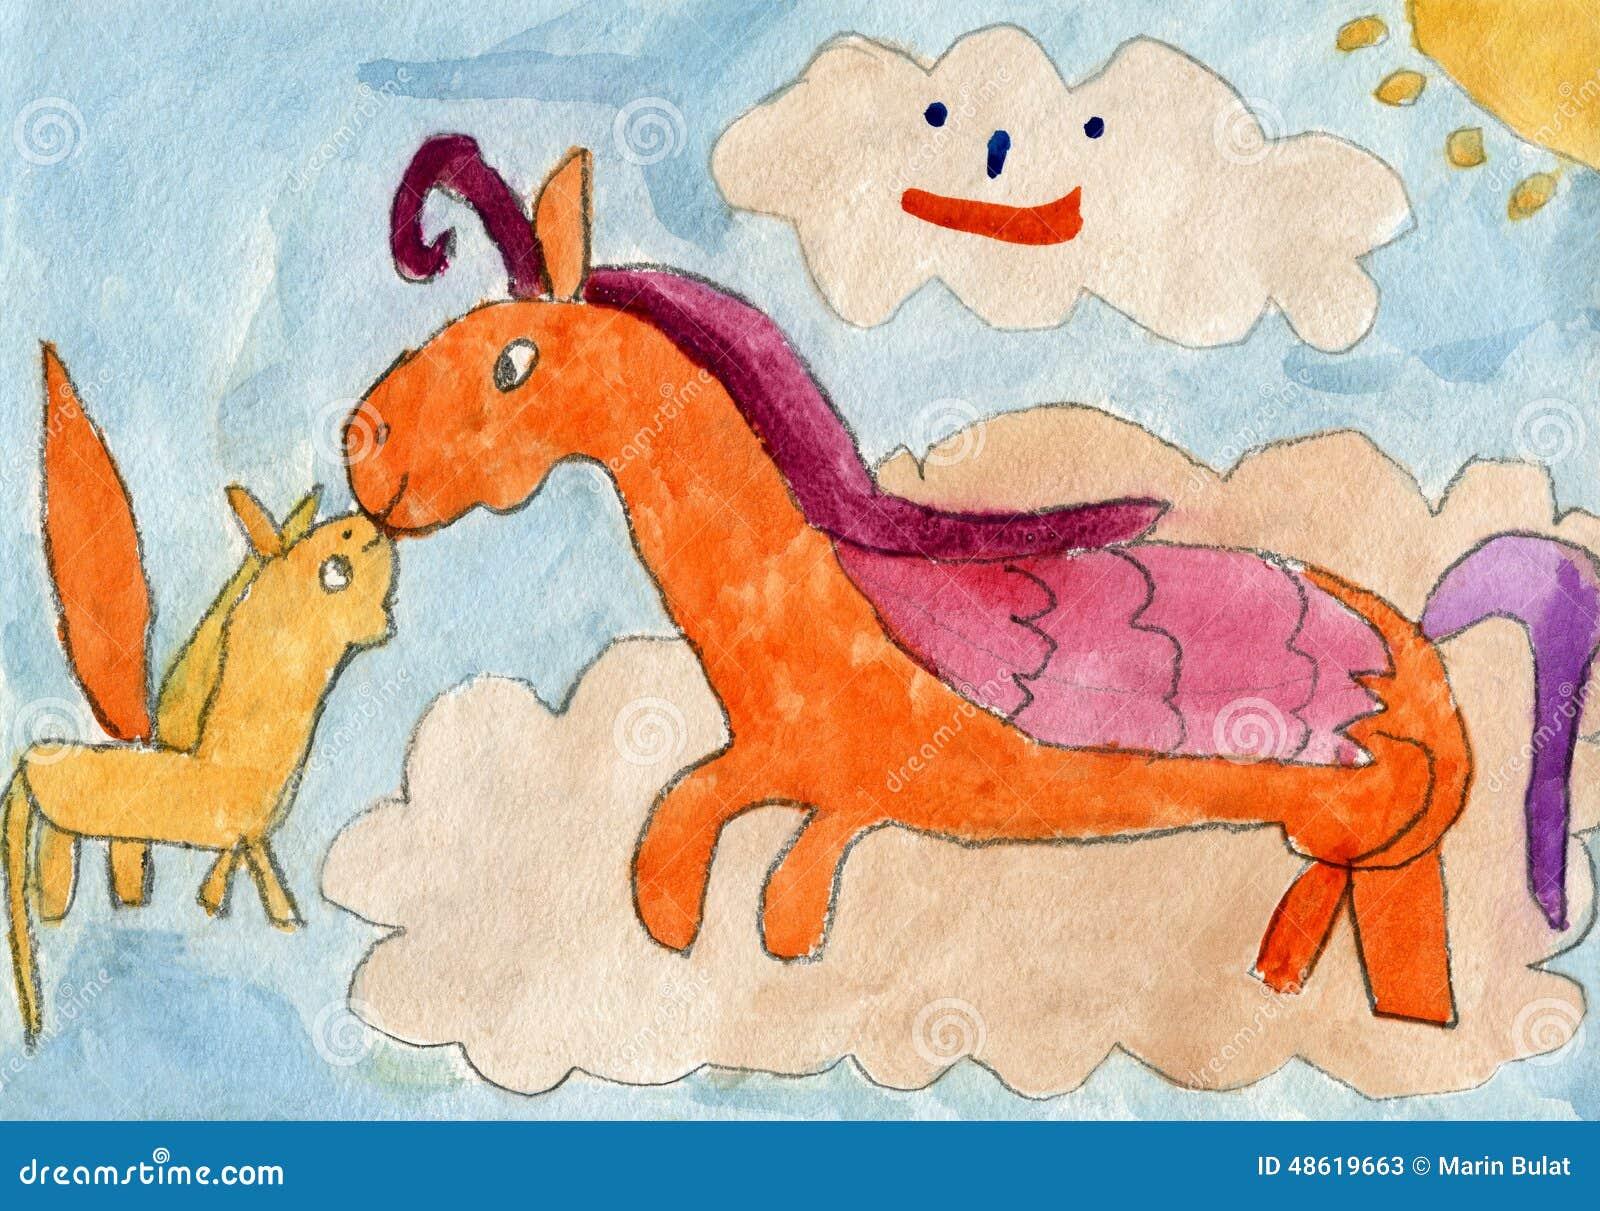 Pegasus mother horse kissing his foal